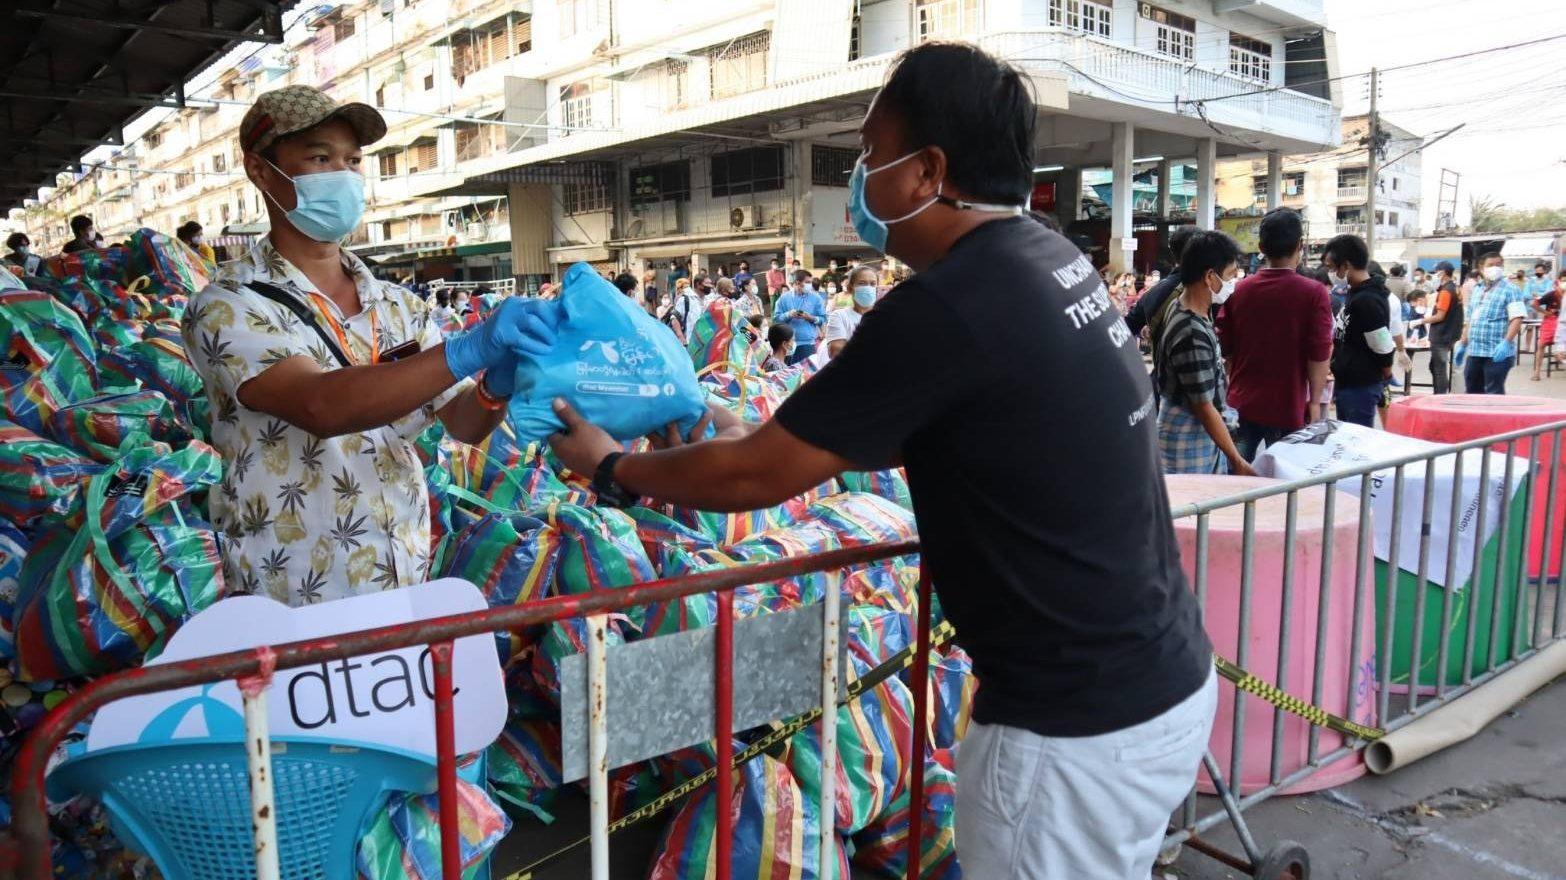 ดีแทคช่วยสนับสนุนแรงงานข้ามชาติสมุทรสาคร และช่องทางสื่อสารพี่น้องชาวเมียนมา- กัมพูชาในไทย เพื่อติดตามสถานการณ์โควิด-19 ผ่านเฟซบุ๊ก dtac Myanmar และ Cambodia